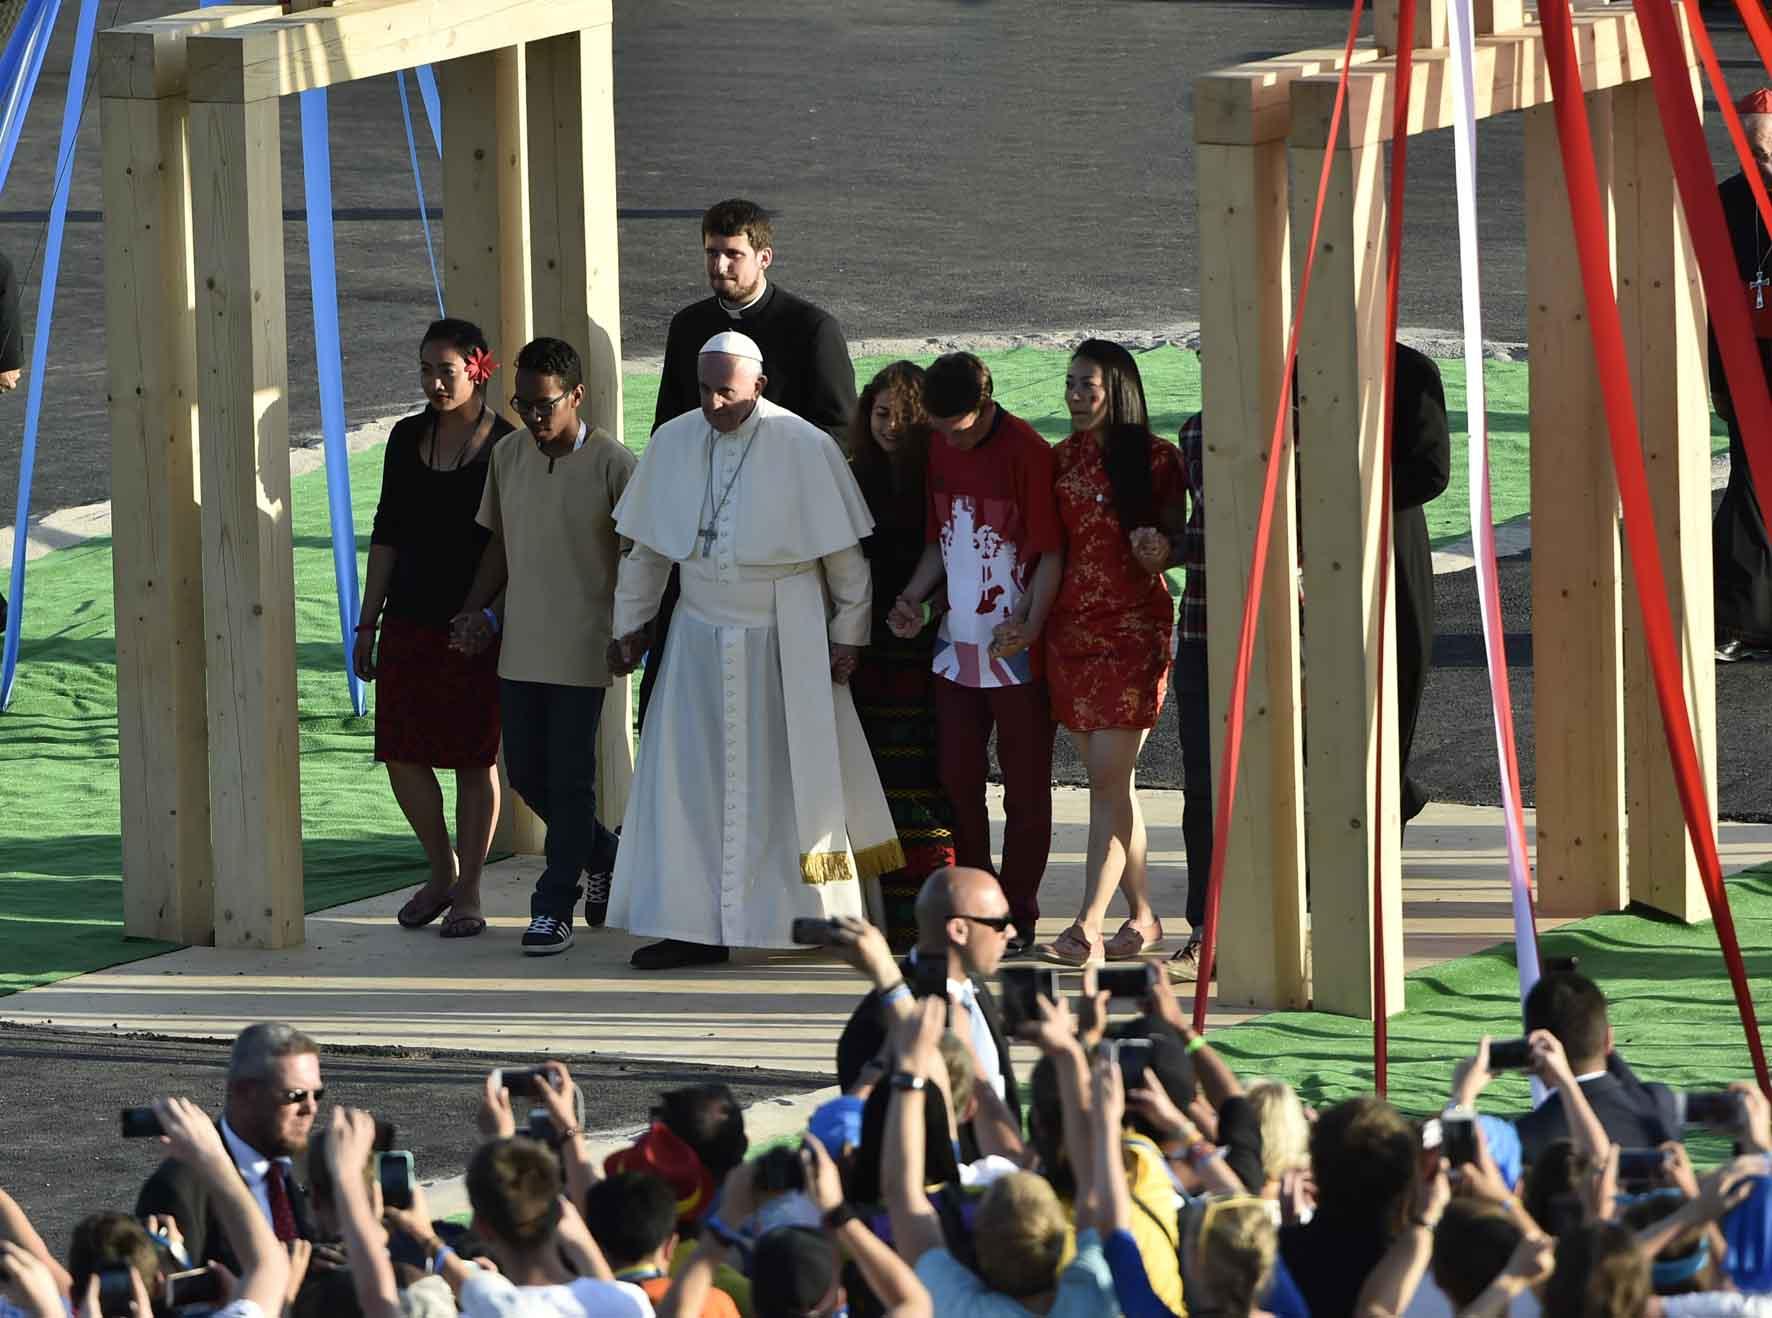 Cracovia, 30 luglio 2016. GMG 2016 Papa Francesco attraversa la Porta Santa realizzata presso il Campus Misericordiae